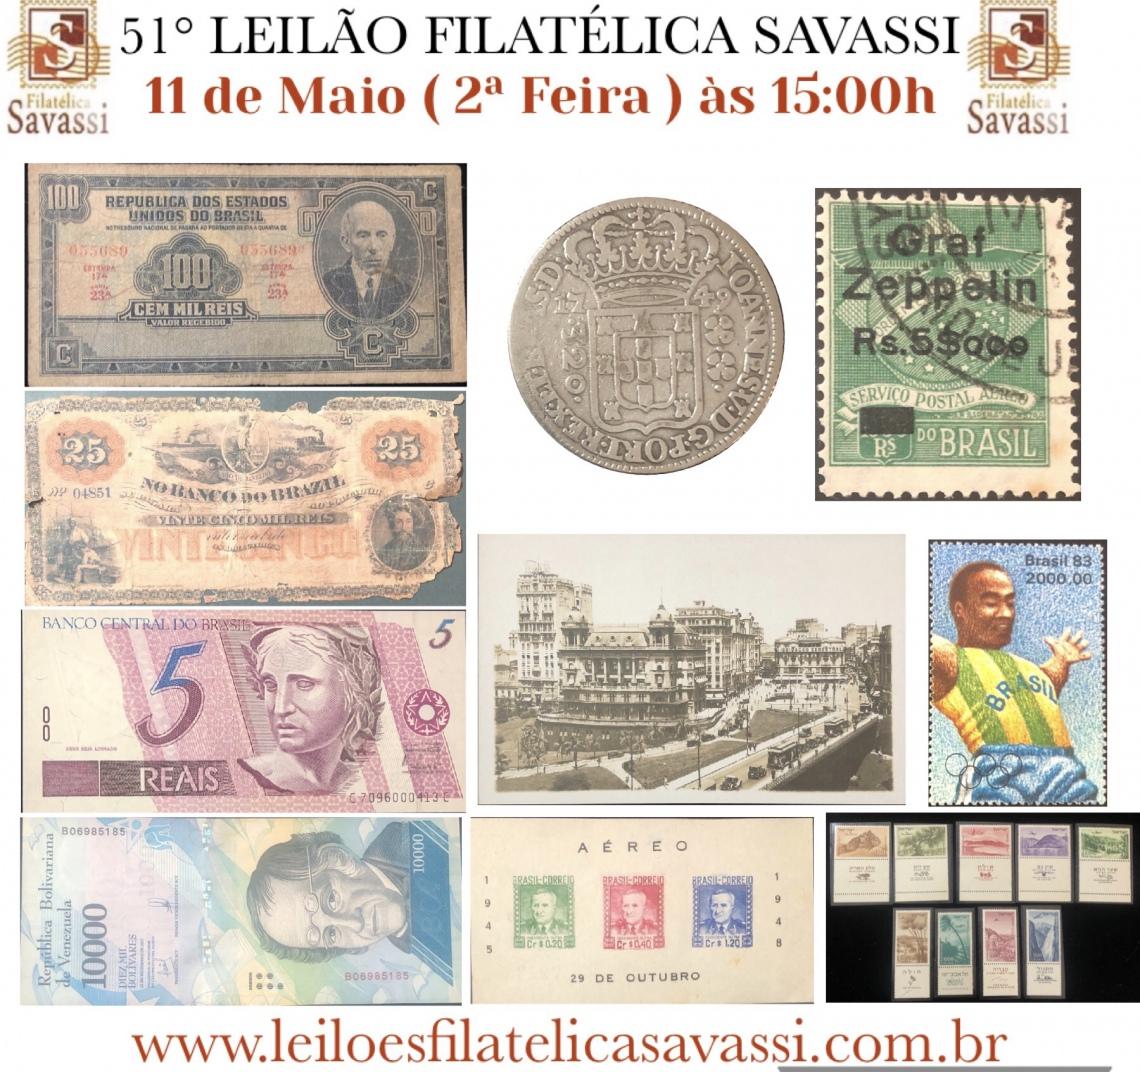 51º LEILÃO FILATÉLICA SAVASSI